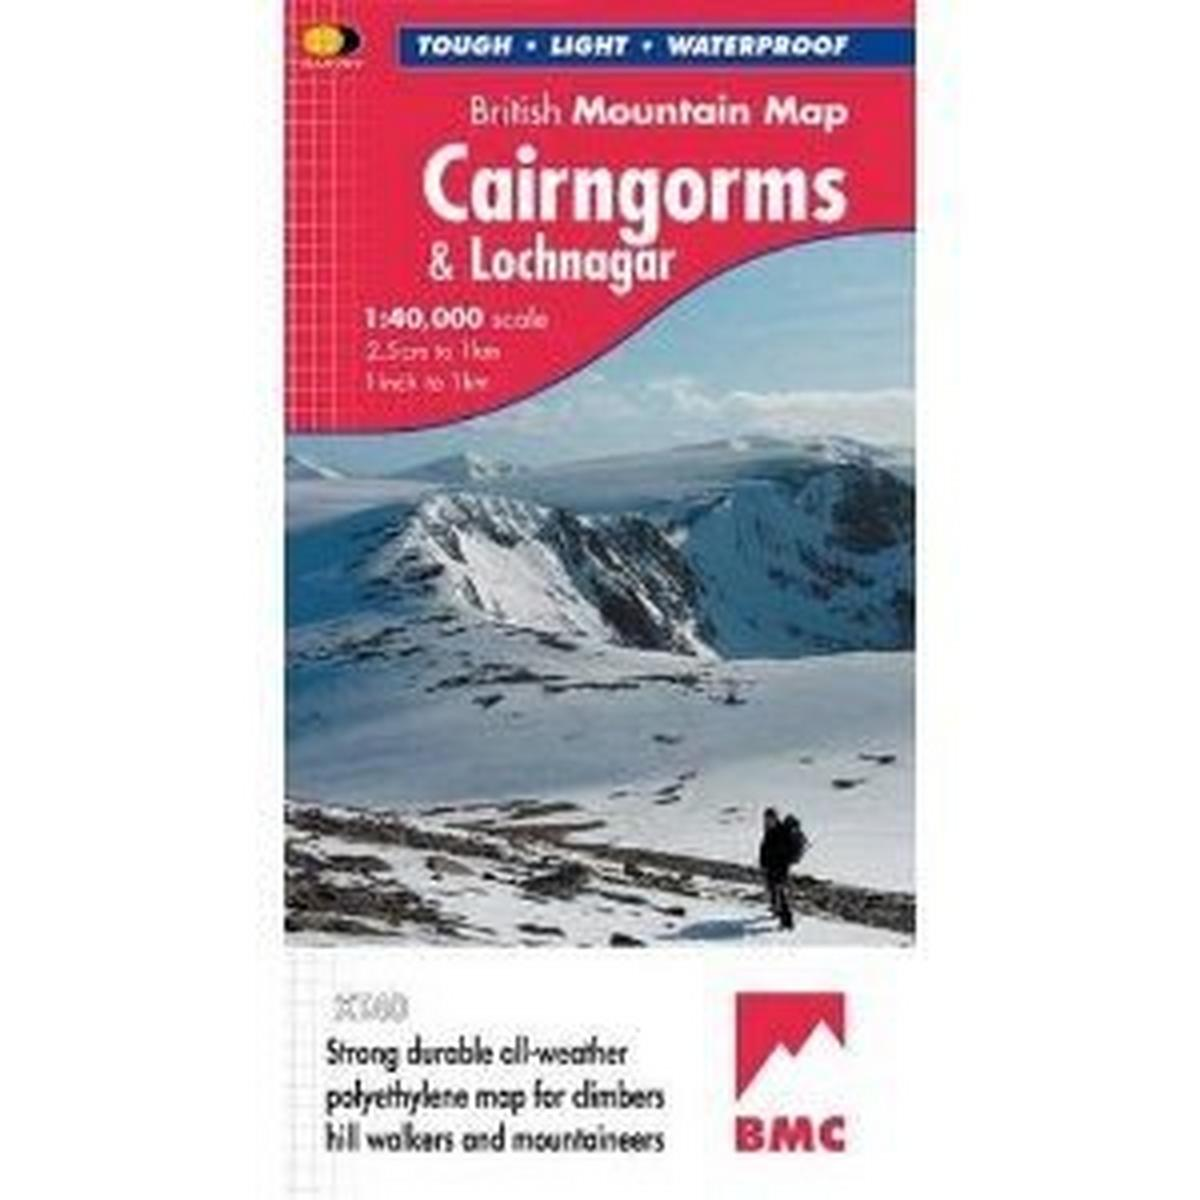 Harveys Cairngorms Mtn Map 1-40000